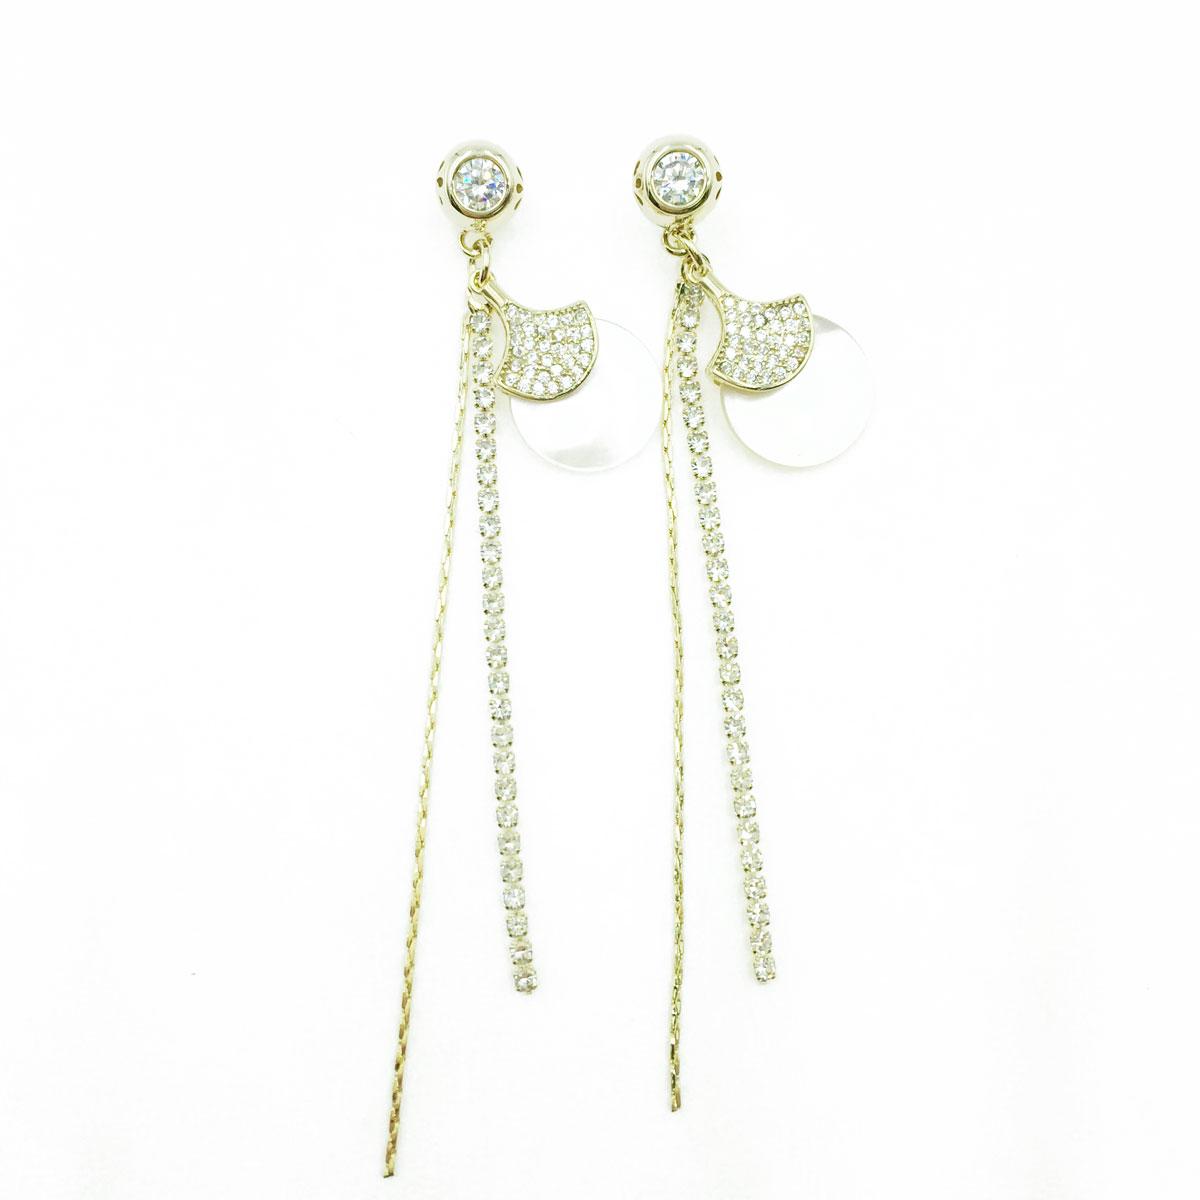 韓國 925純銀 扇狀 水鑽 貝殼圓 造型 垂墜感 耳針式耳環